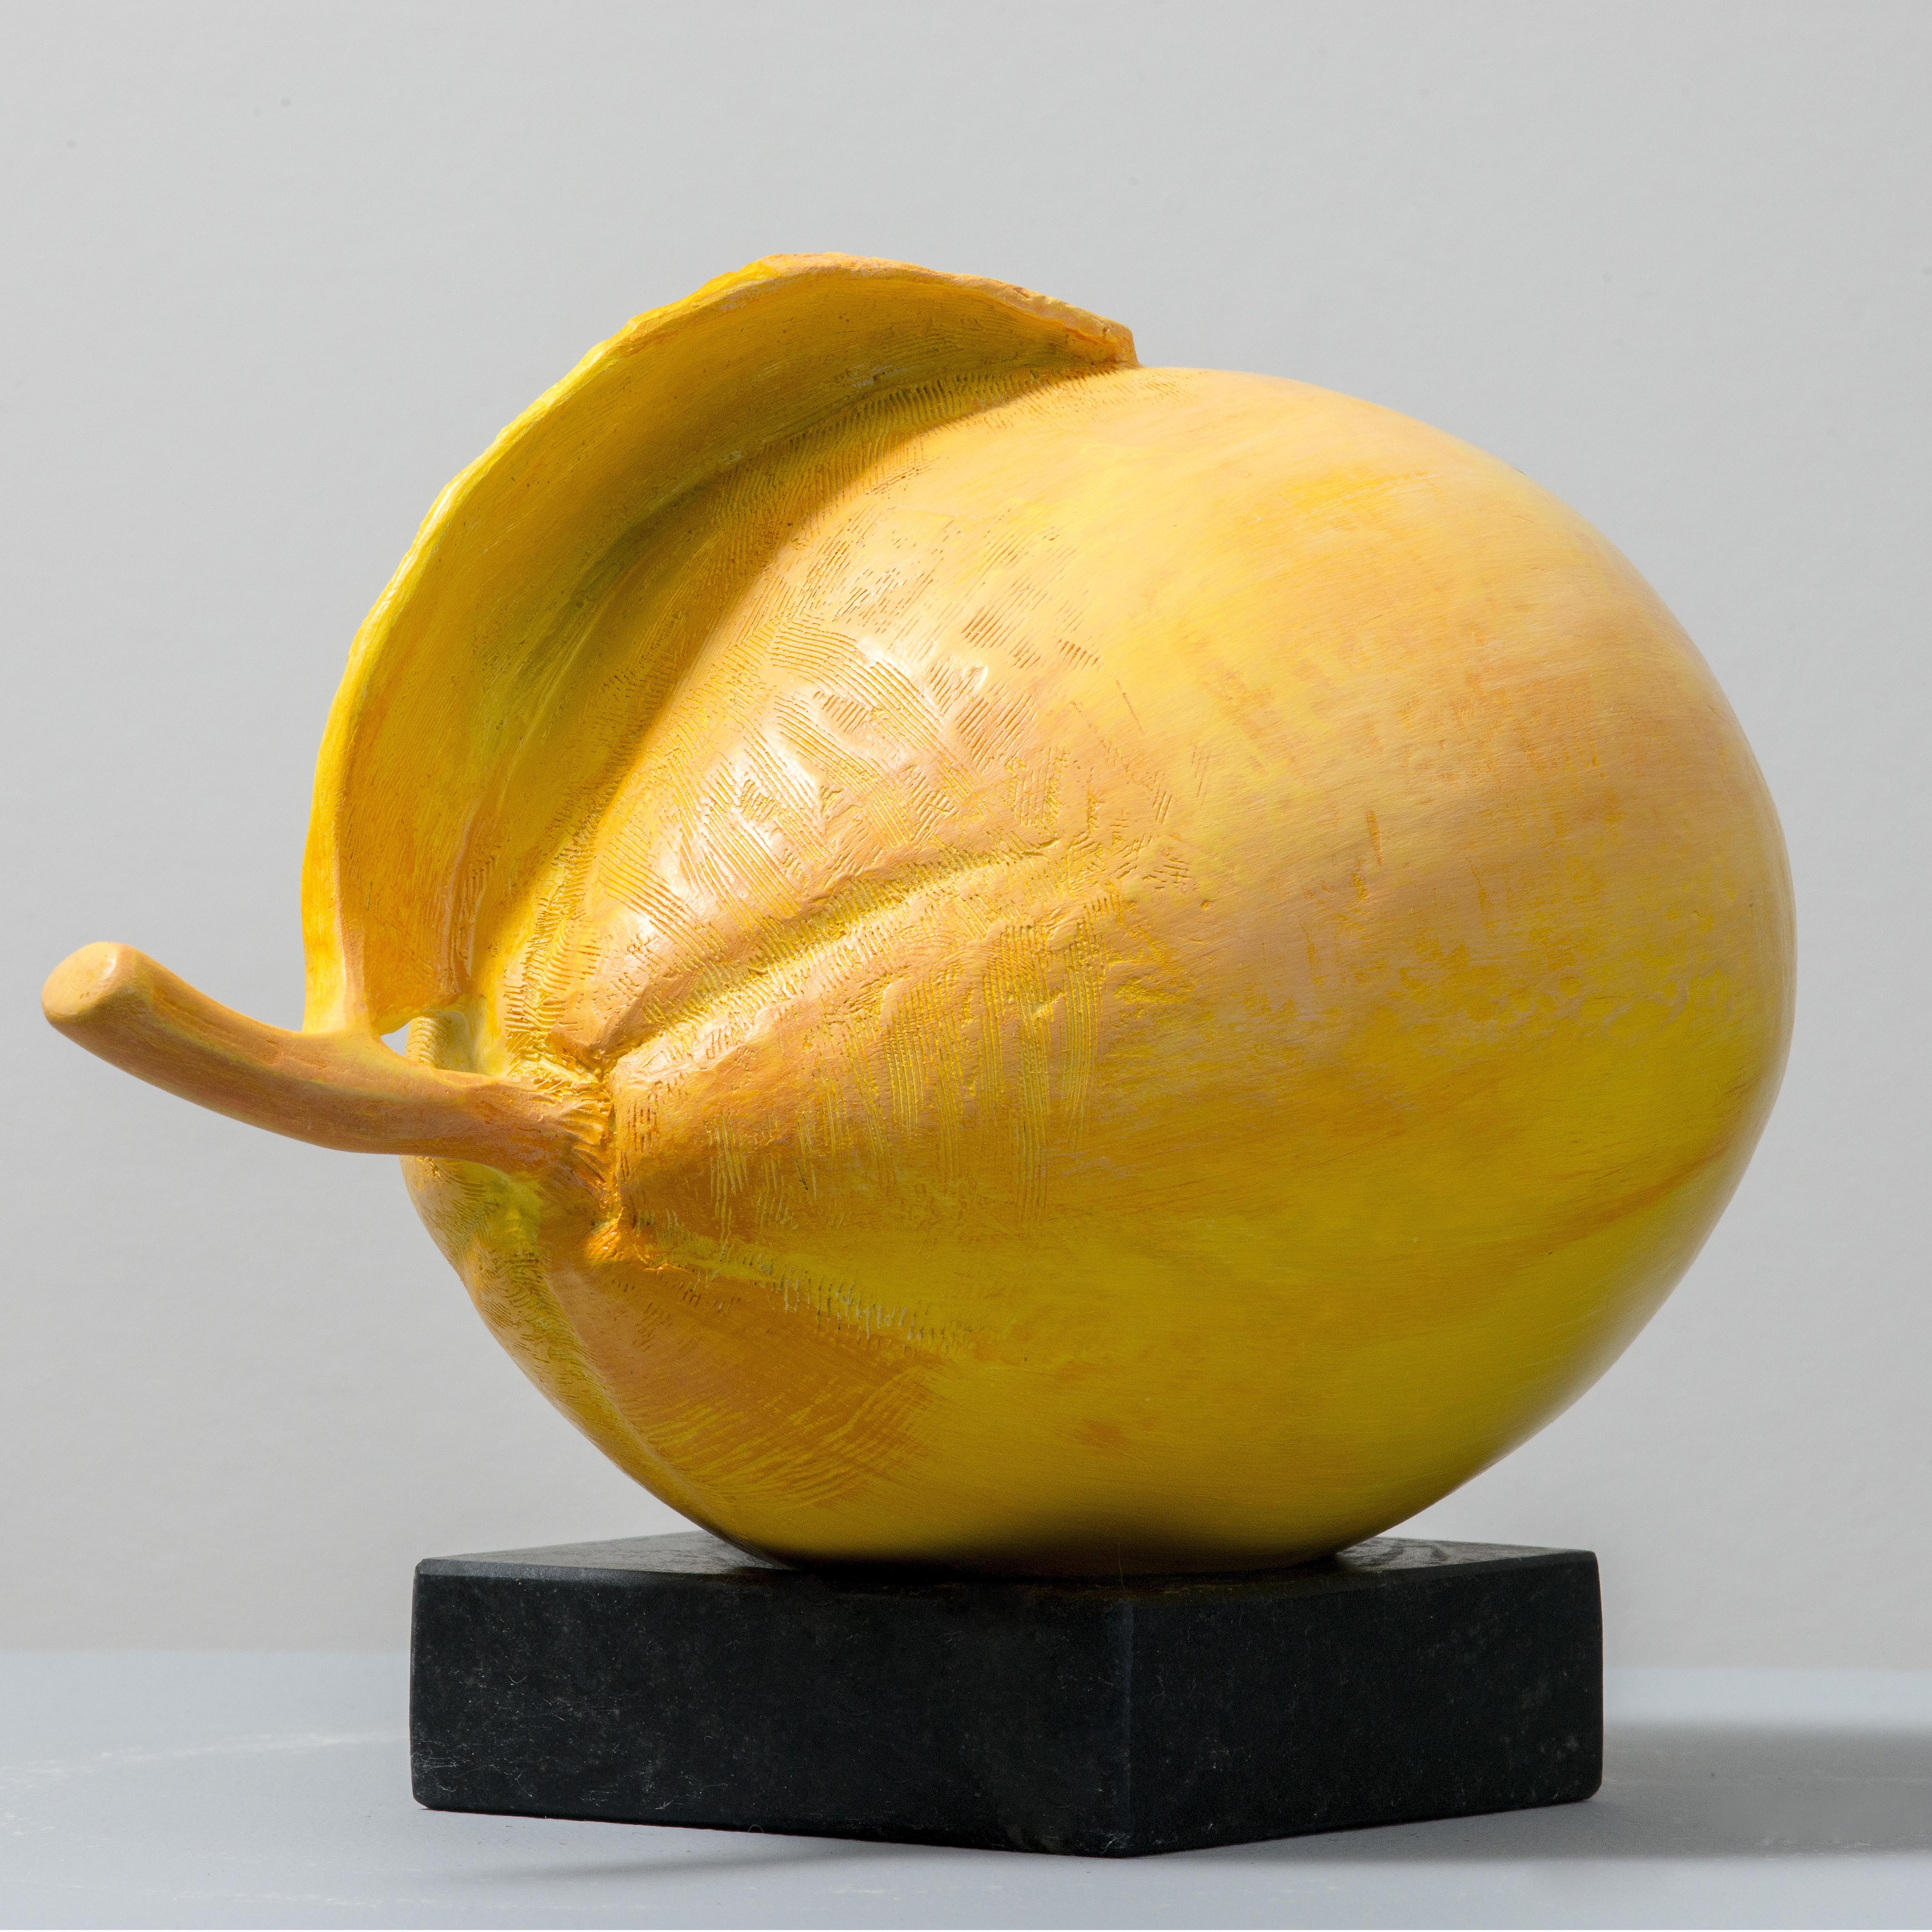 Lemon - Jan Kirsh